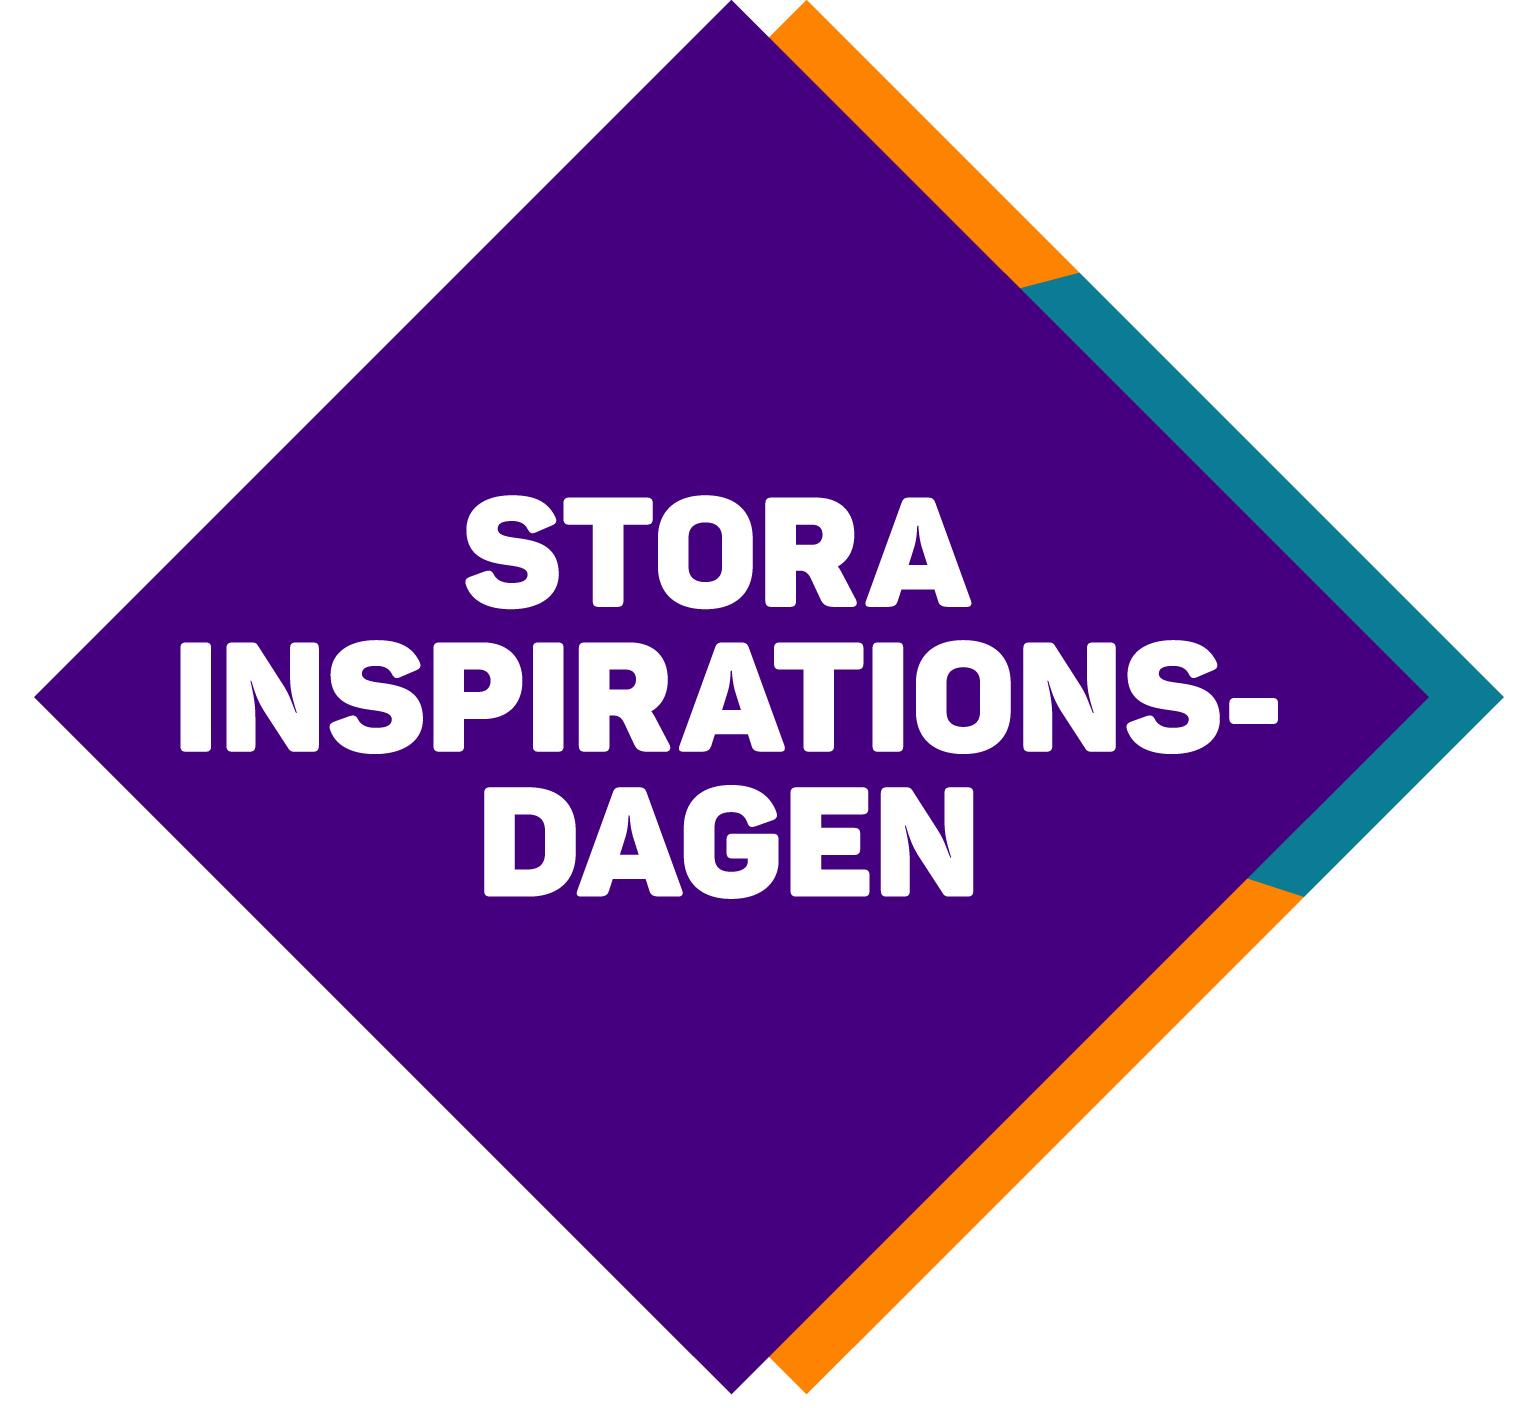 Stora inspirationsdagen - varianter logotyp